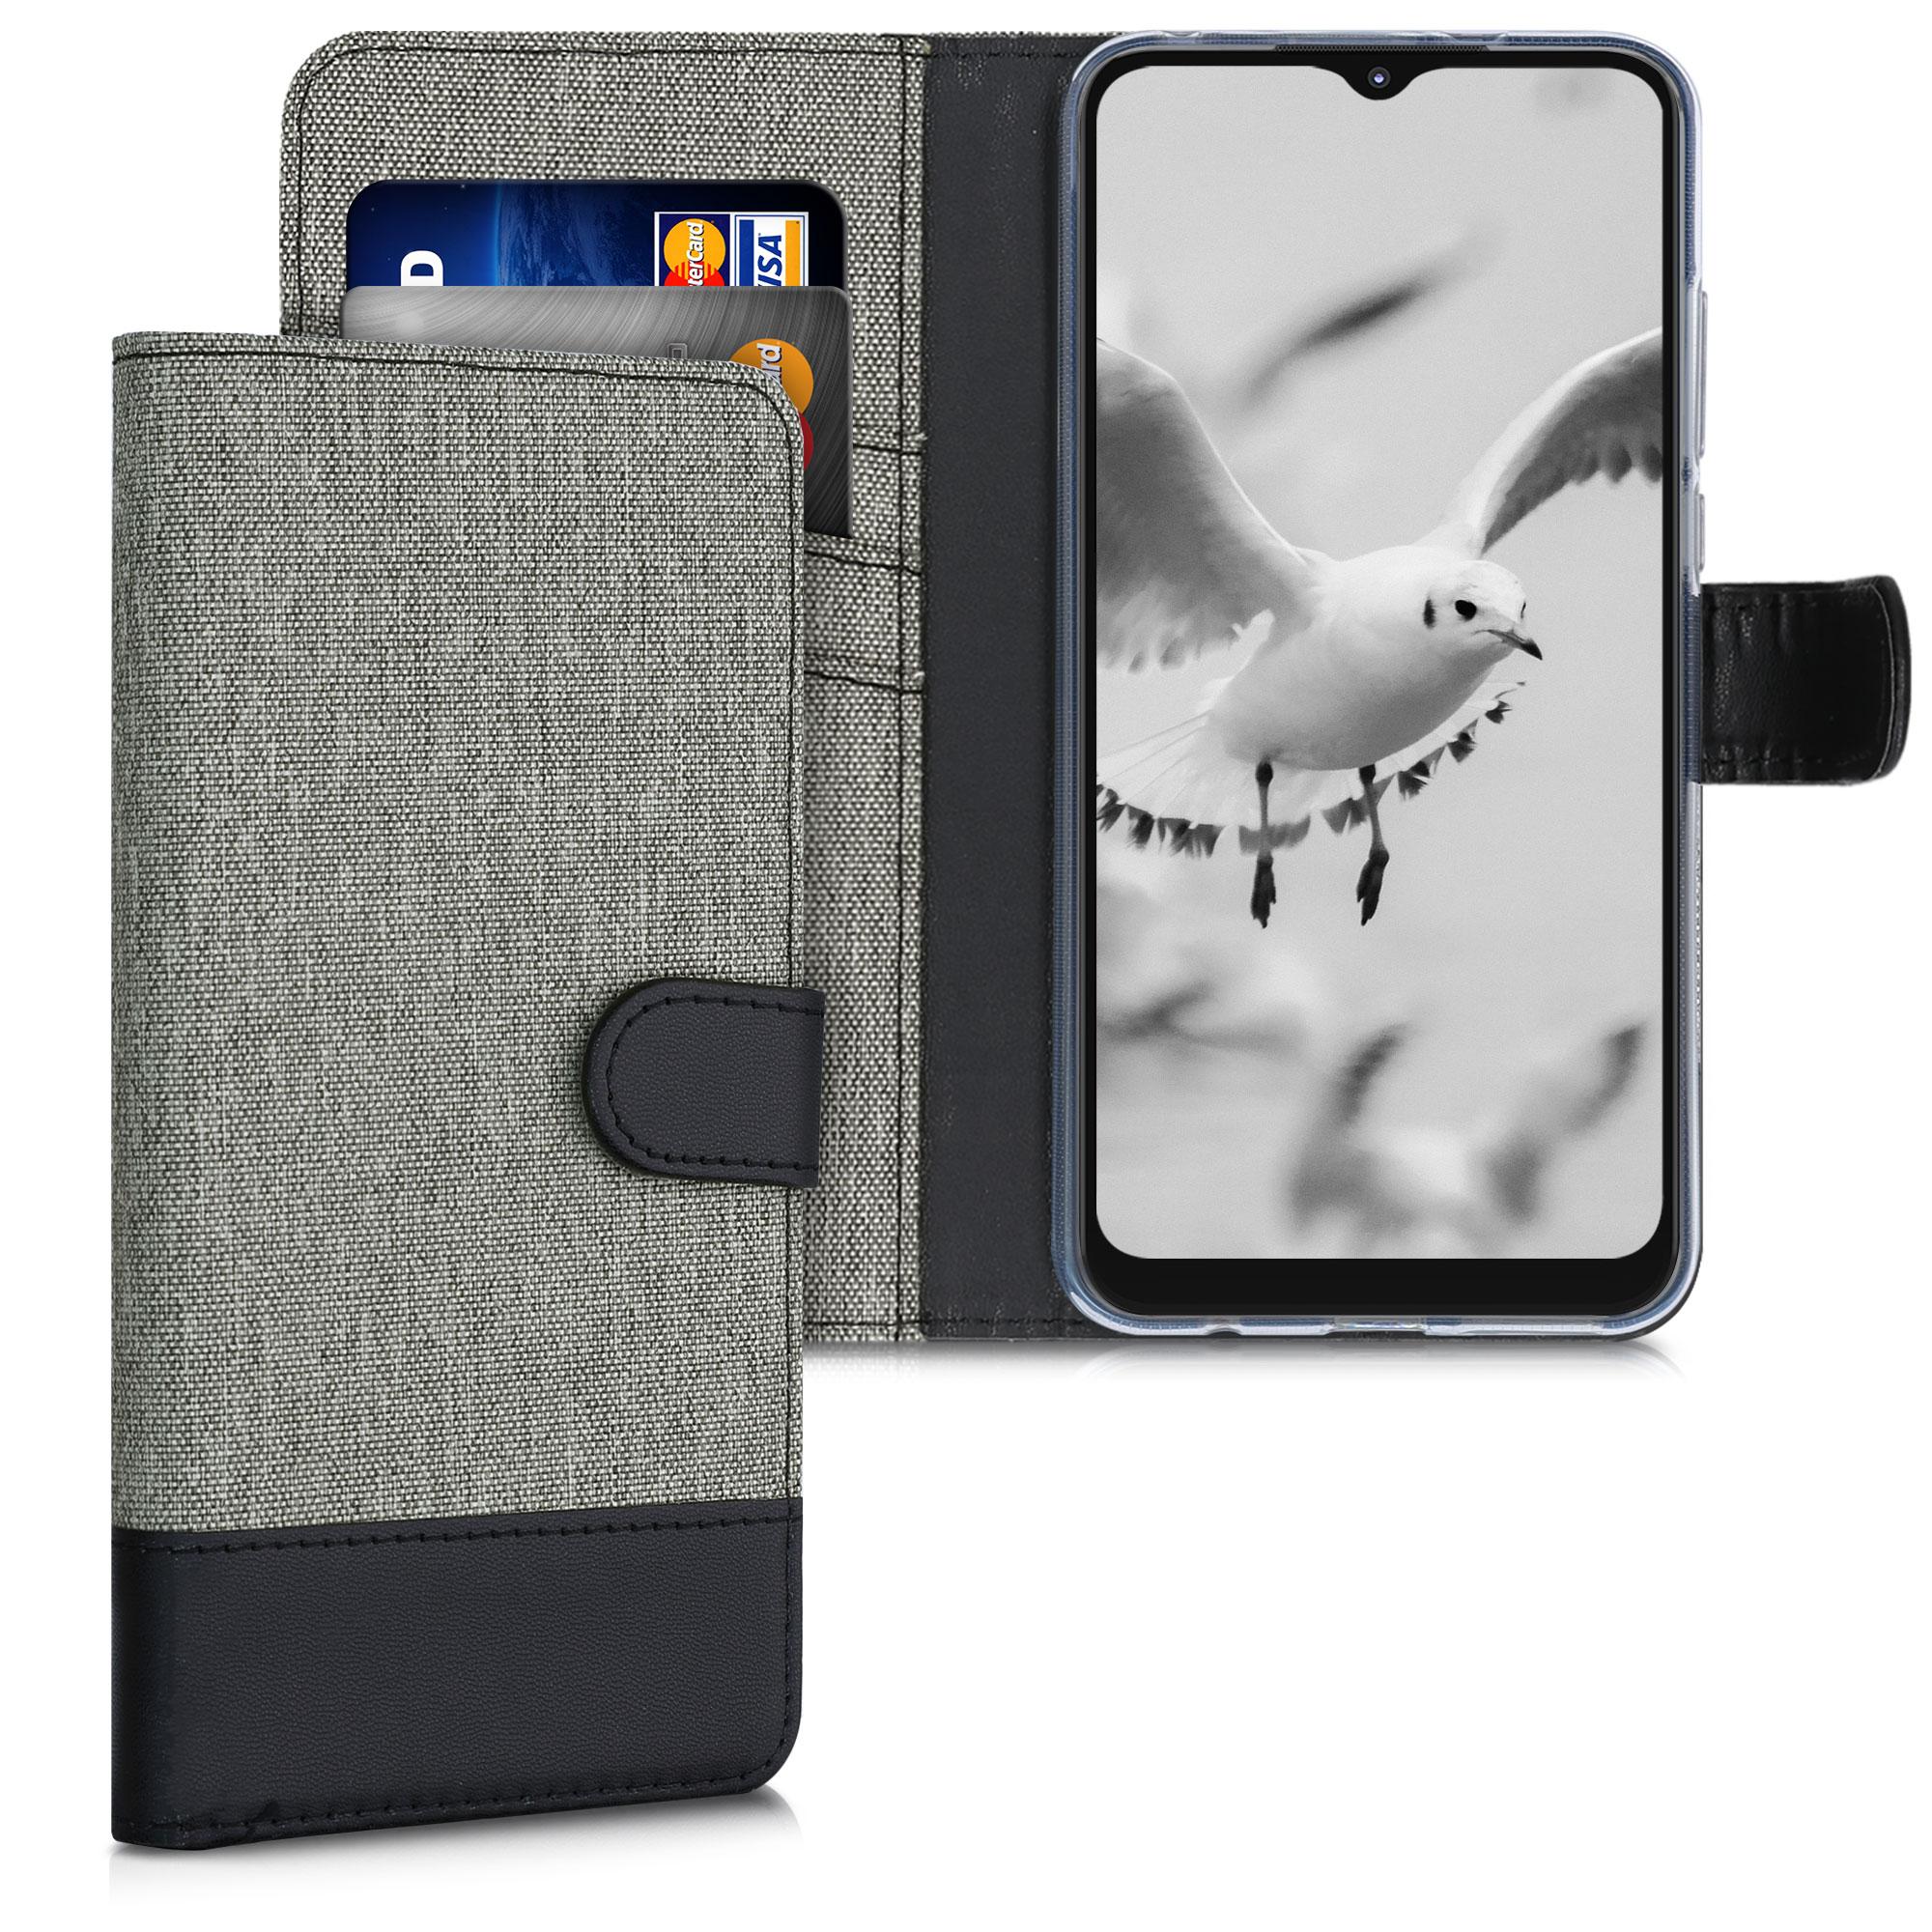 Textilní látkové pouzdro   obal pro Motorola Moto G Play (2021) -  Šedá / černá